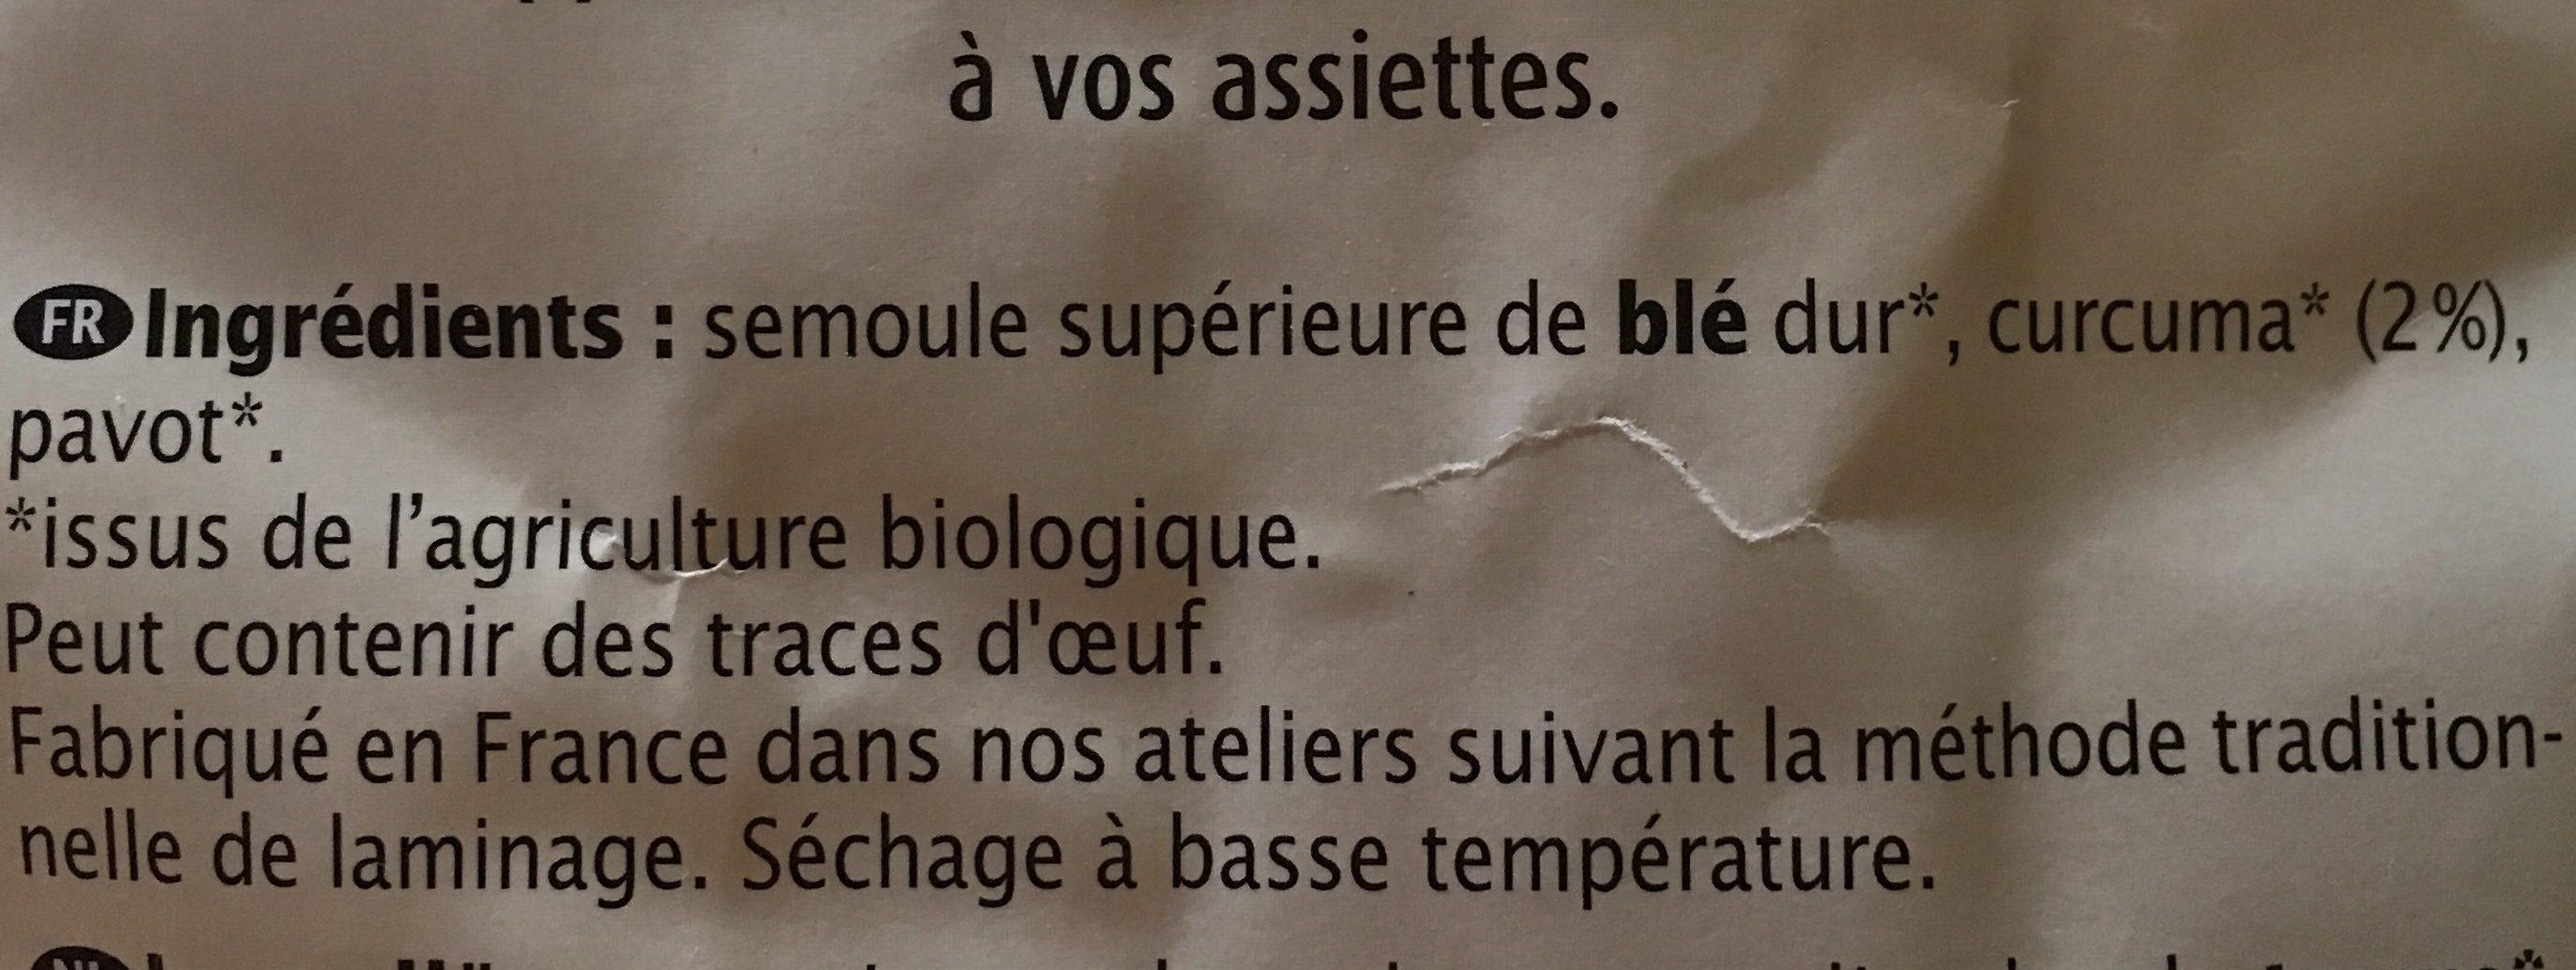 Tagliatelles au curcuma et au pavot - Ingrédients - fr